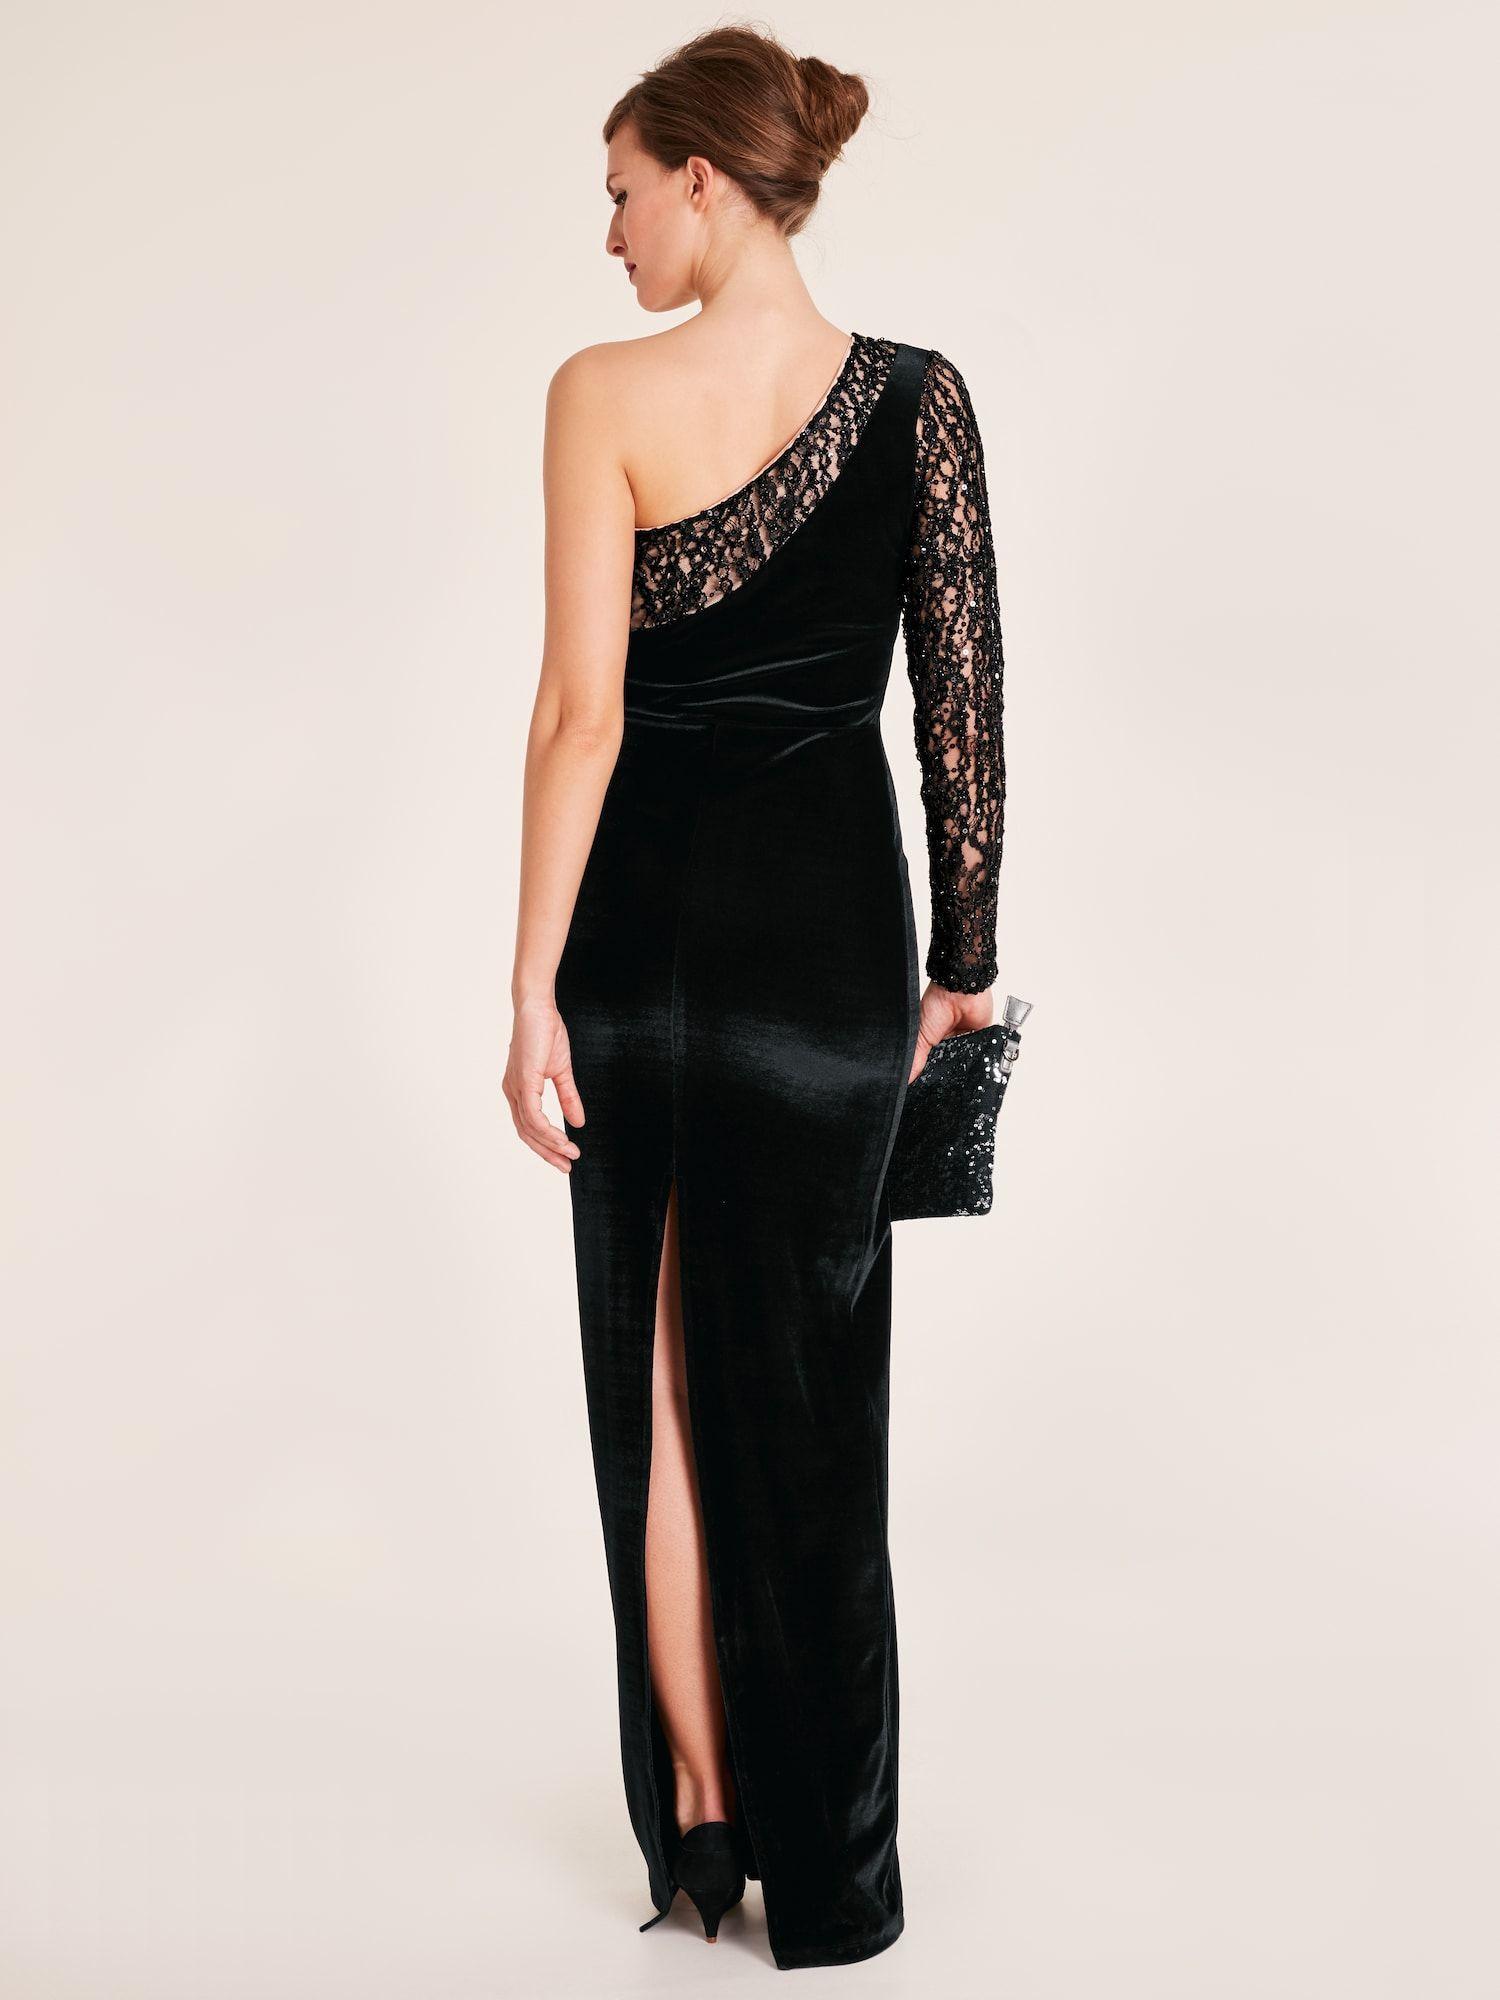 Heine Abendkleid Damen Schwarz Grosse 38 Tullstoff Heine Abendkleid Damen Schwarz Grosse 38 Fashion Dresses Formal Dresses